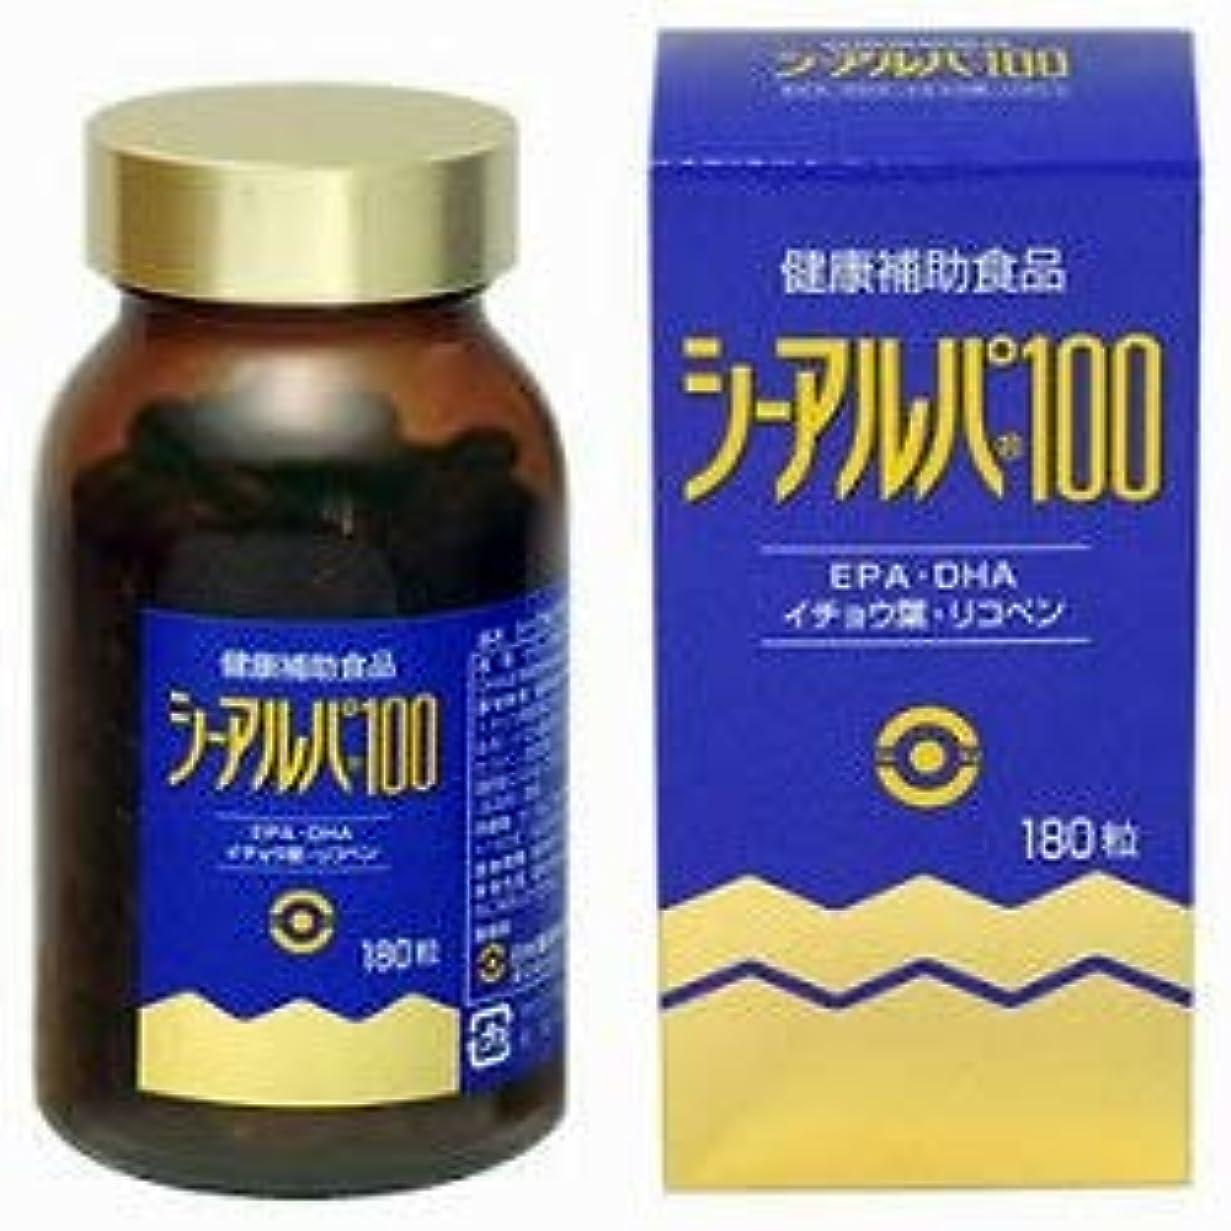 ルー投獄科学者【日水製薬】シーアルパ100 180粒